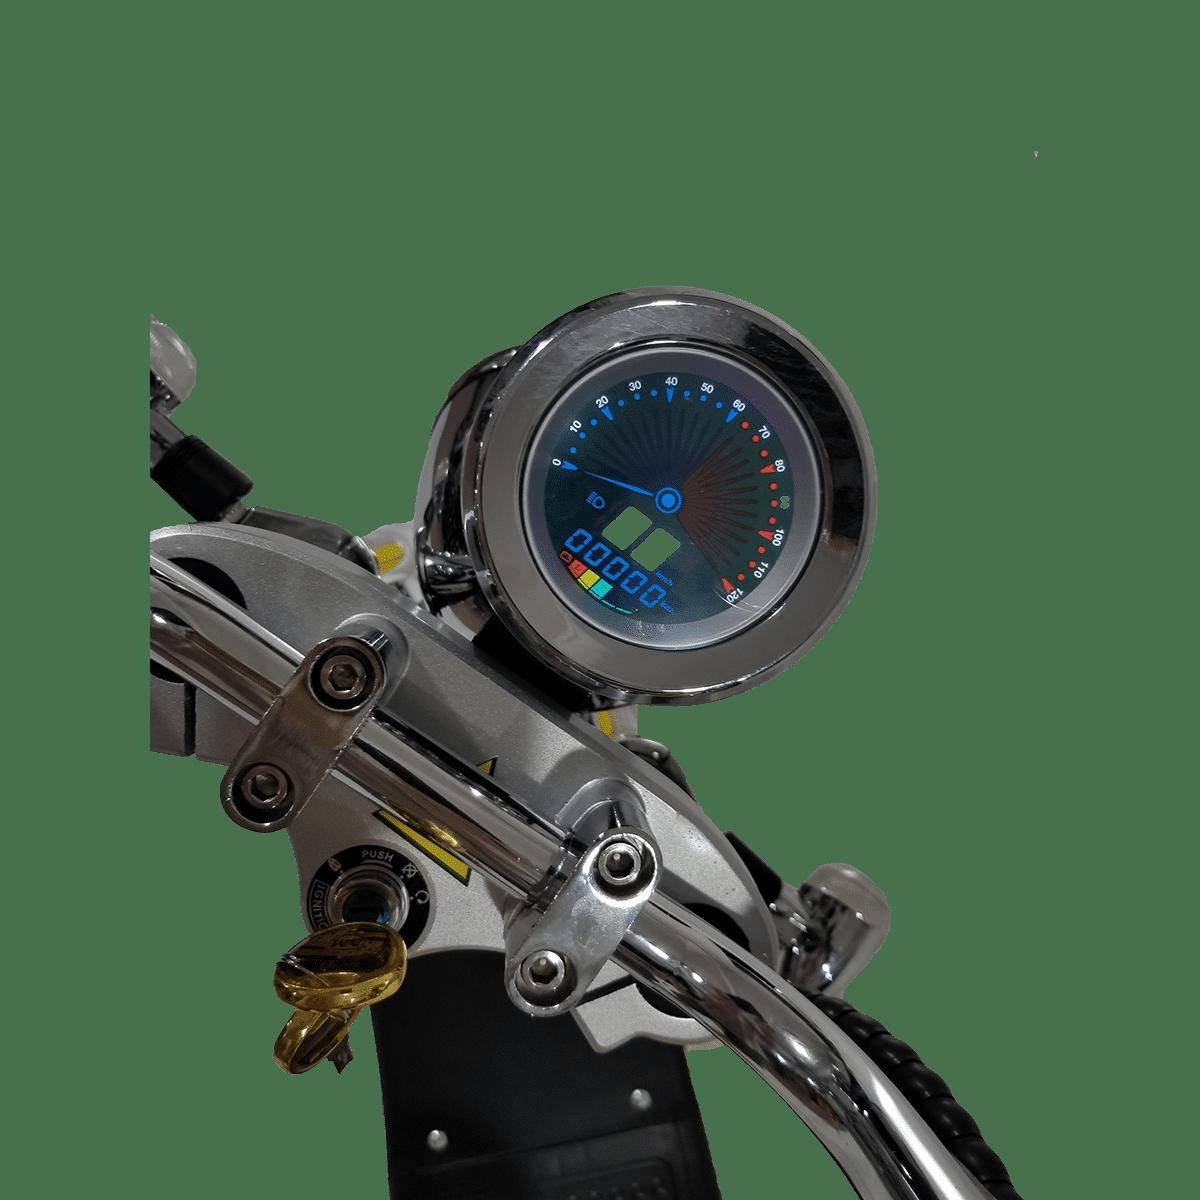 Citycoco Harley Deluxe Jaune 1190€ 6